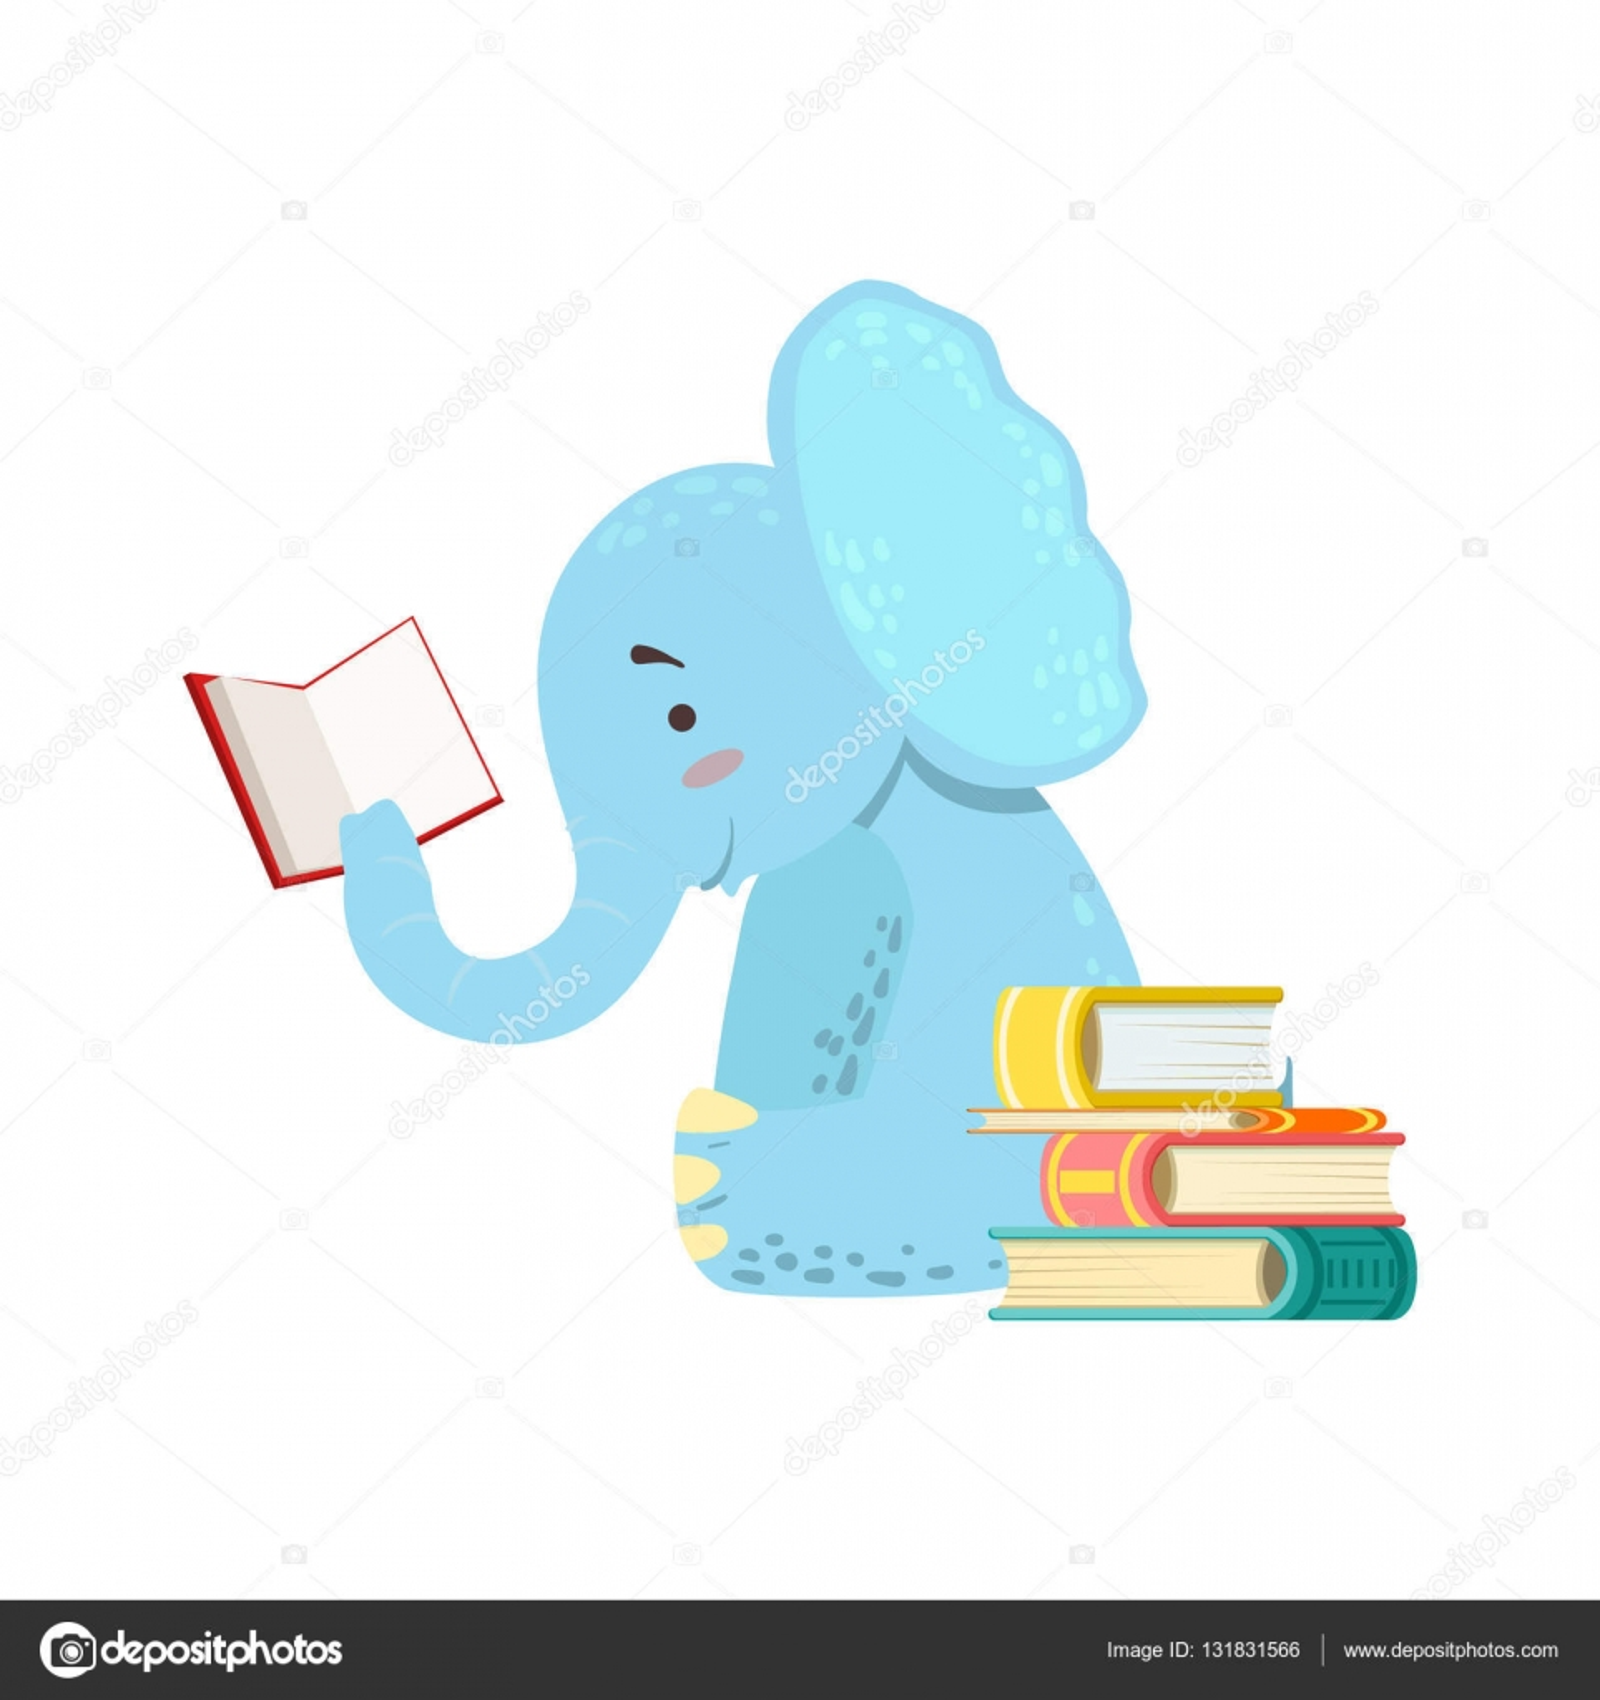 象の本を読んで本の虫動物園文字を笑って漫画イラスト部図書館の蔵書の